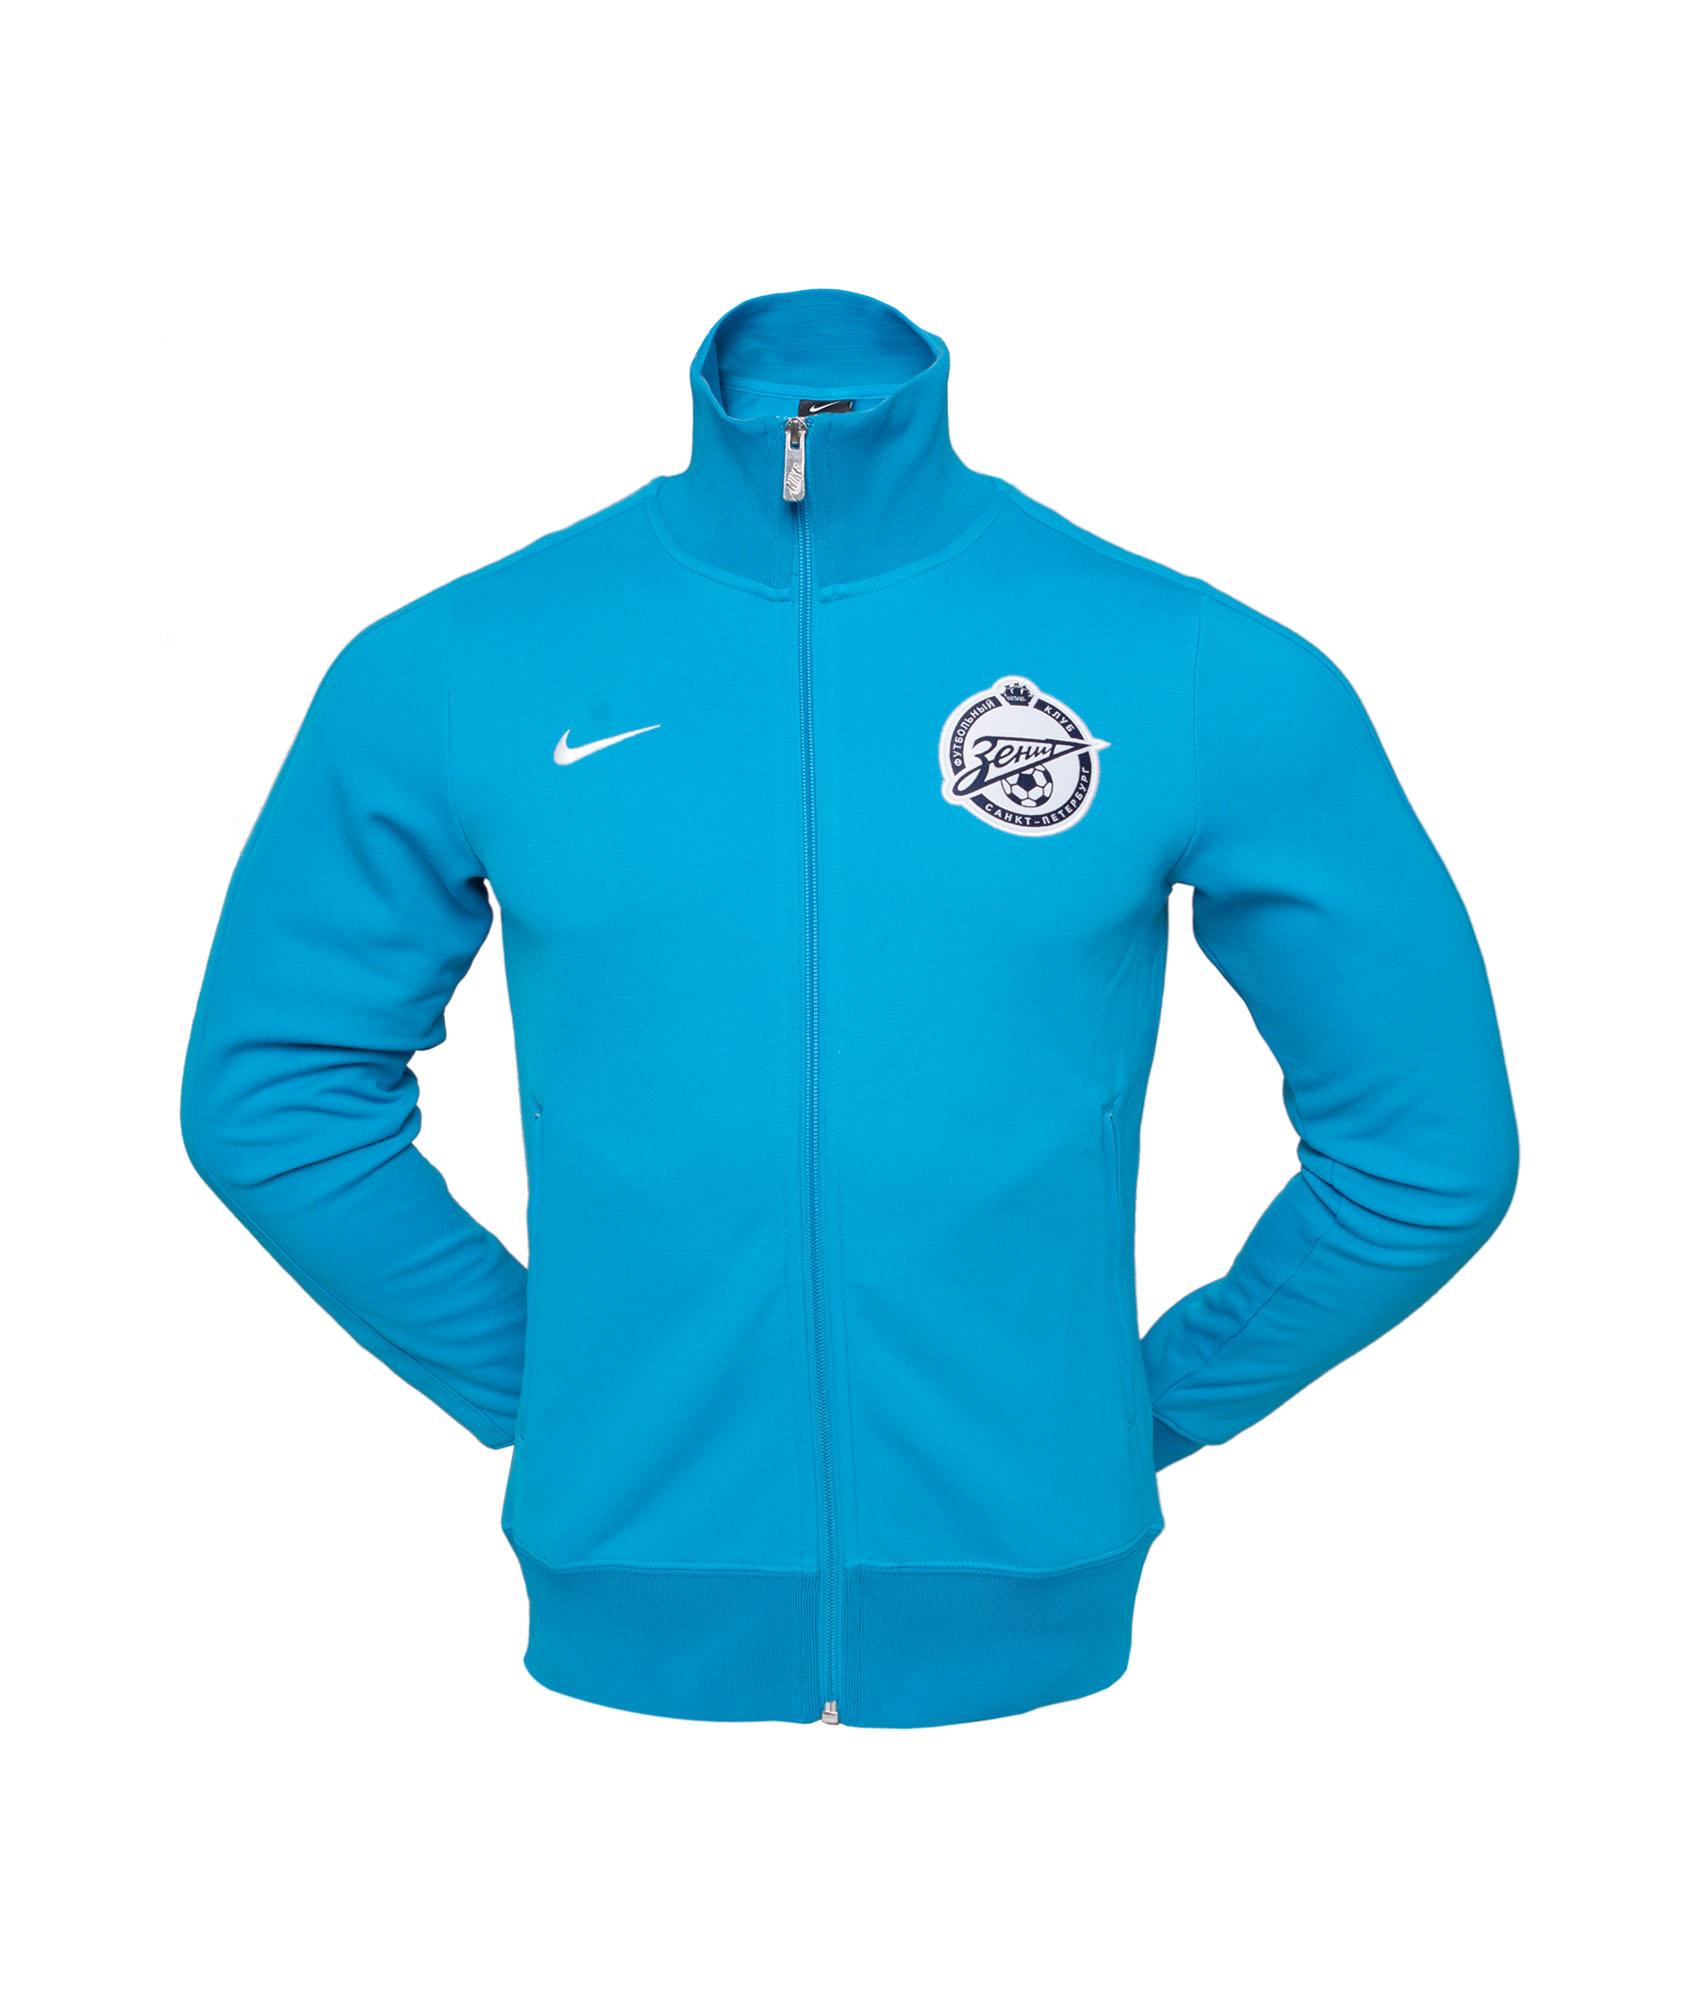 Лазурная олимпийка Nike, Цвет-Синий, Размер-L